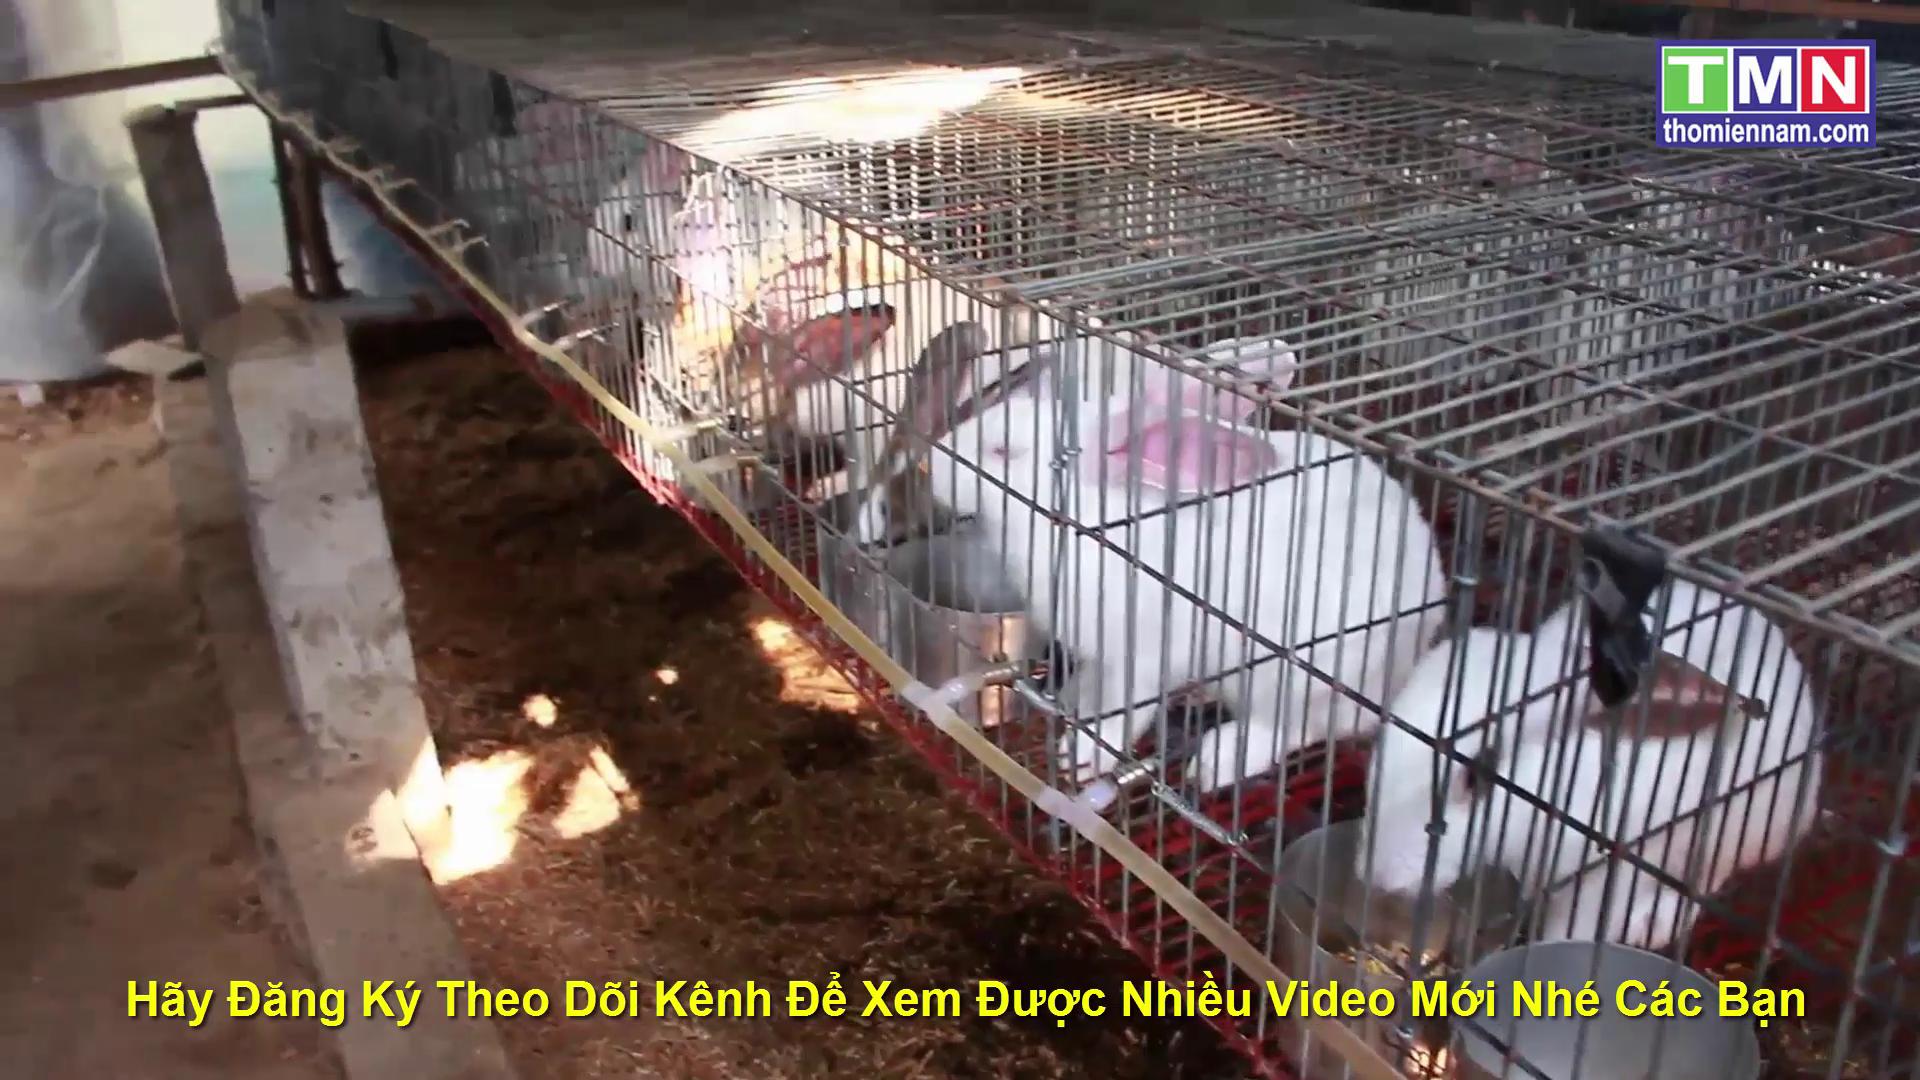 Mô hình chăn nuôi thỏ với rau lang và cây chuối hột